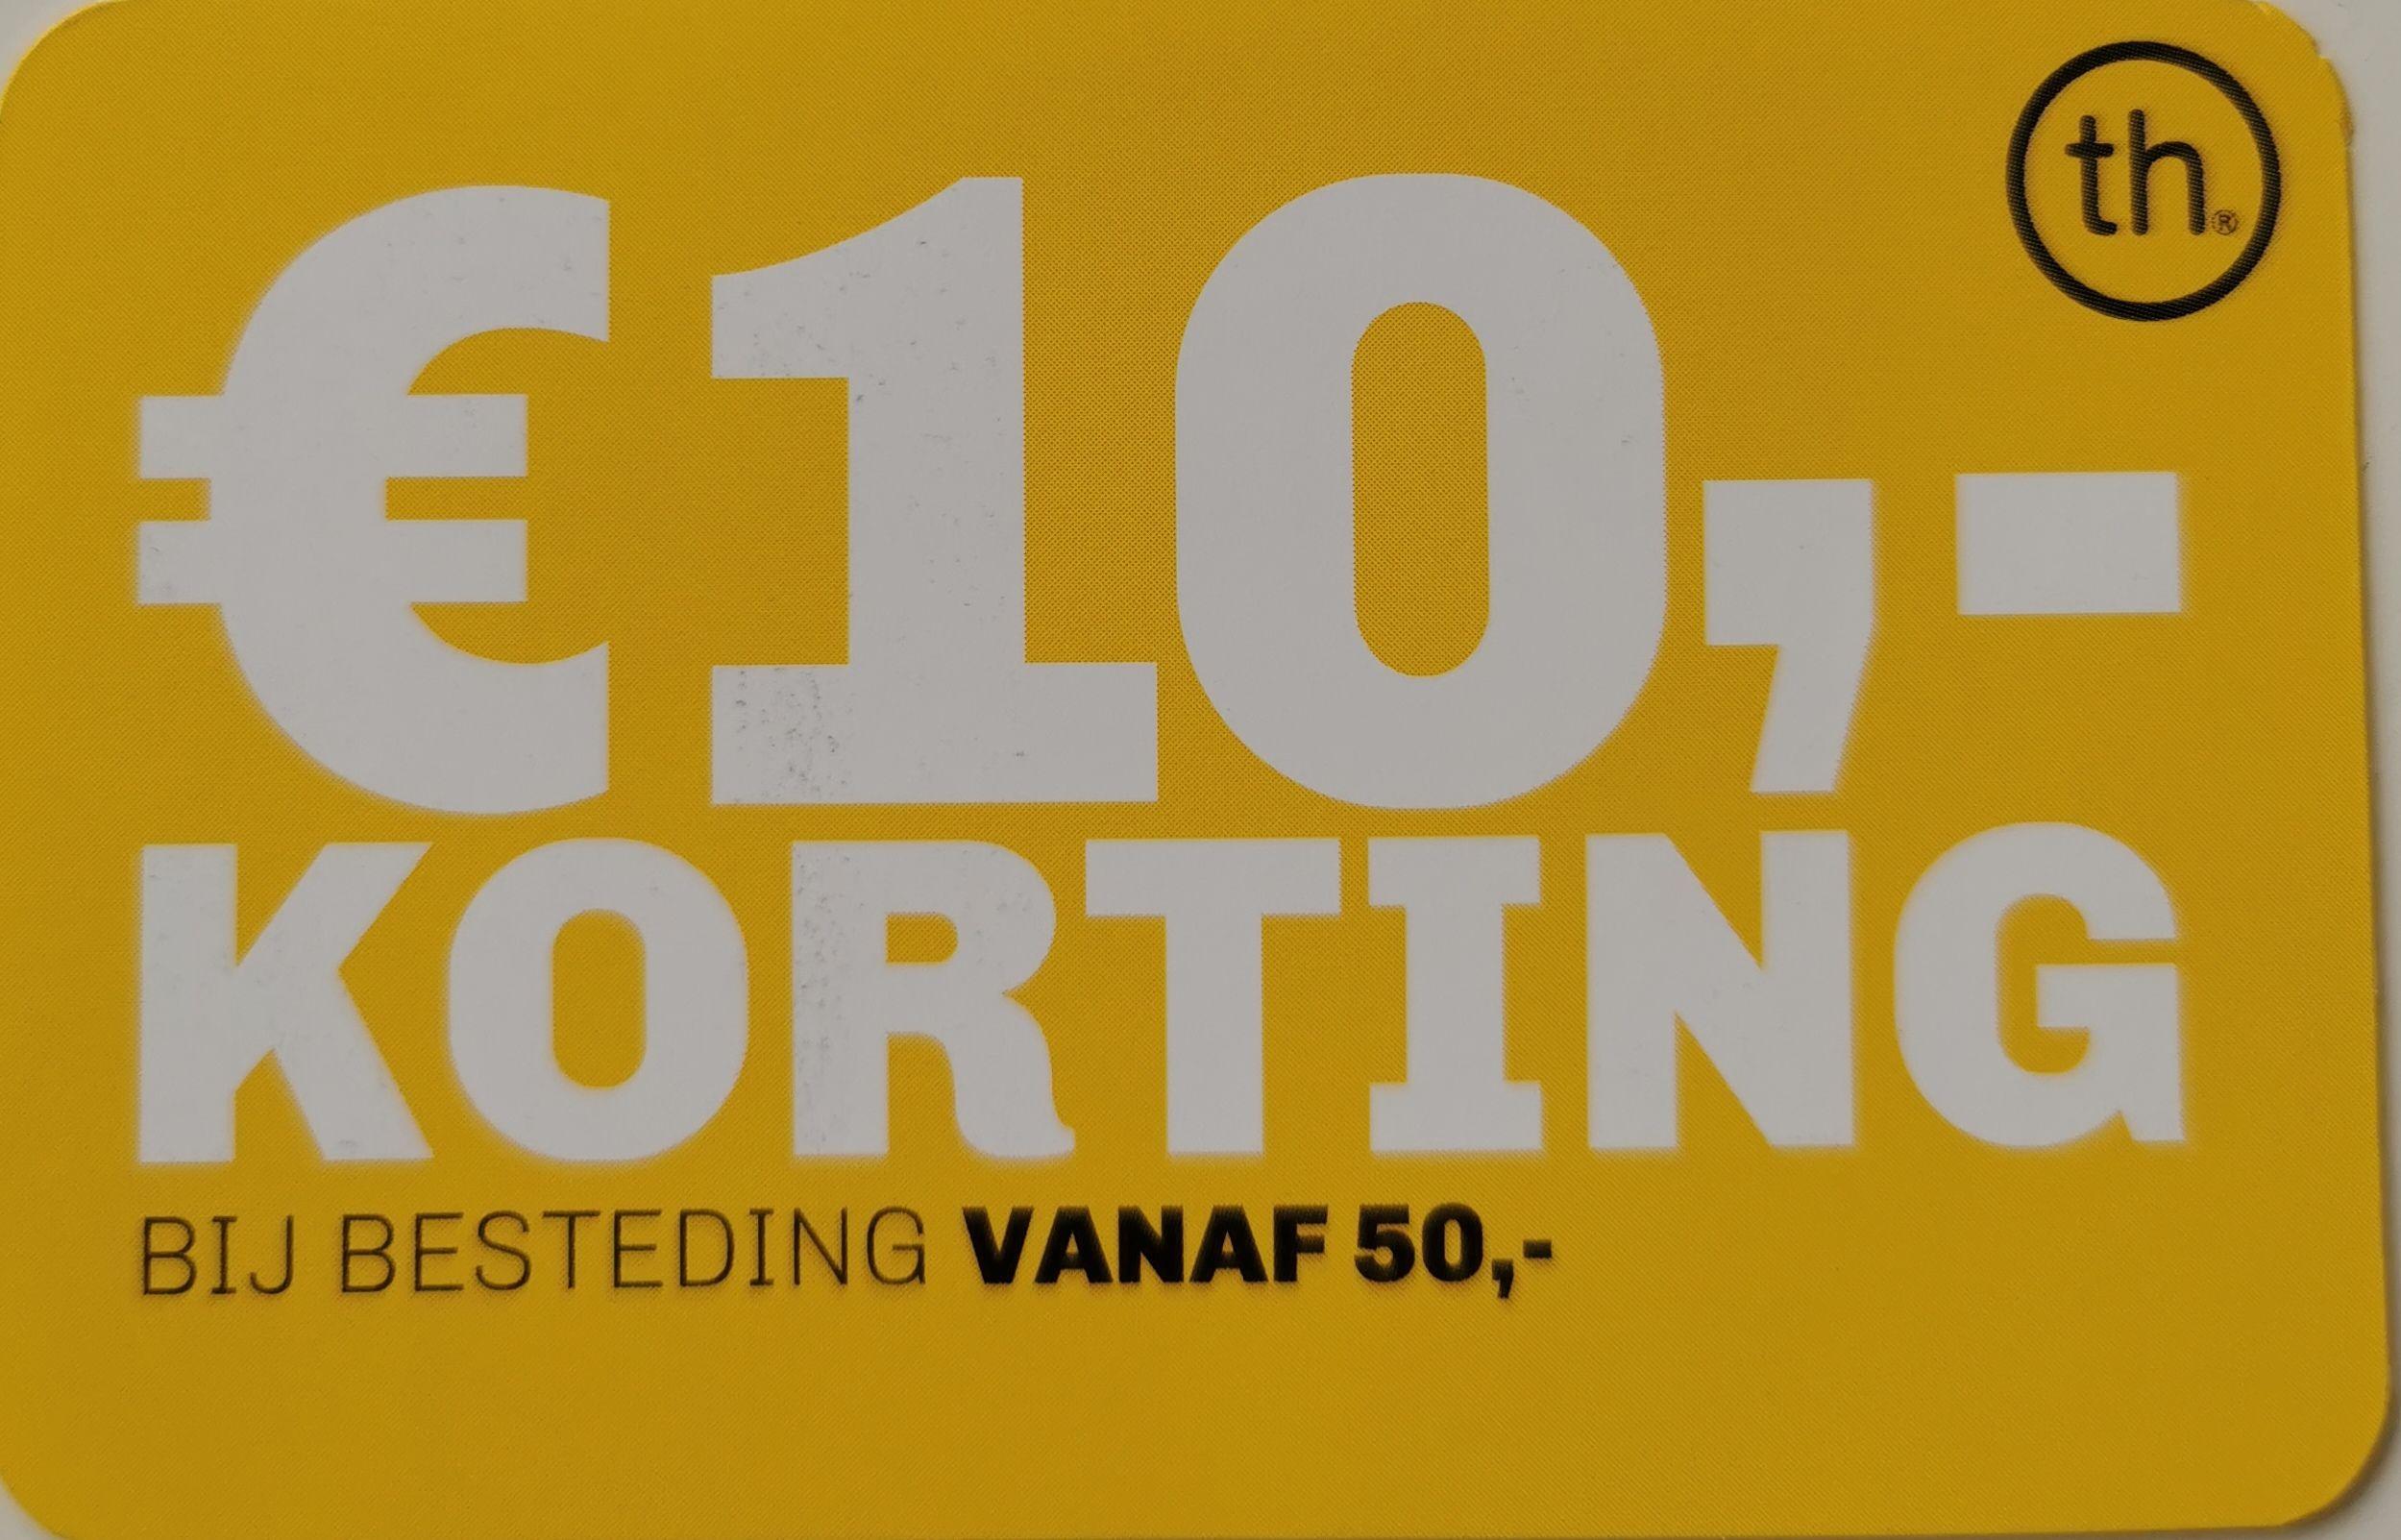 € 10 korting bij besteding vanaf € 50 bij Trendhopper